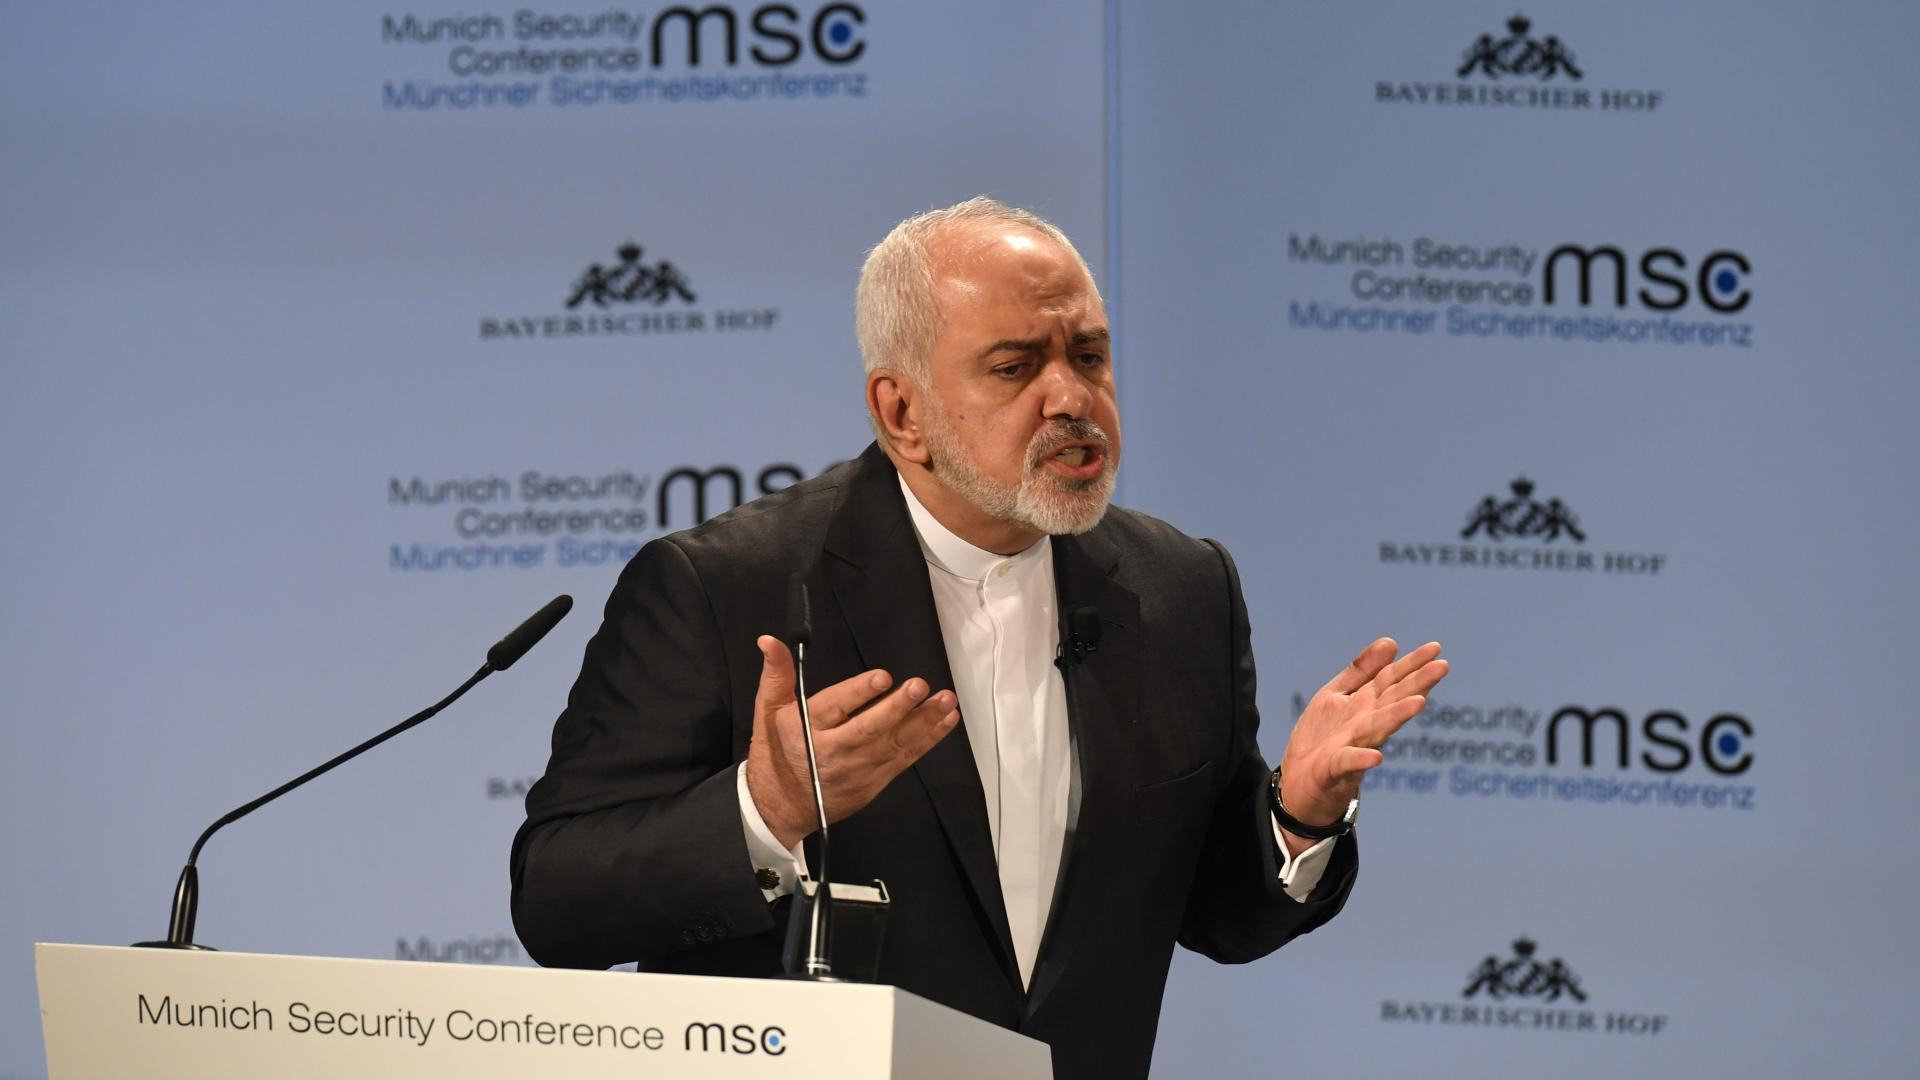 رأي.. كامليا انتخابي فرد تكتب لـCNN: النظام الإيراني قد يسقط دون تدخل خارجي